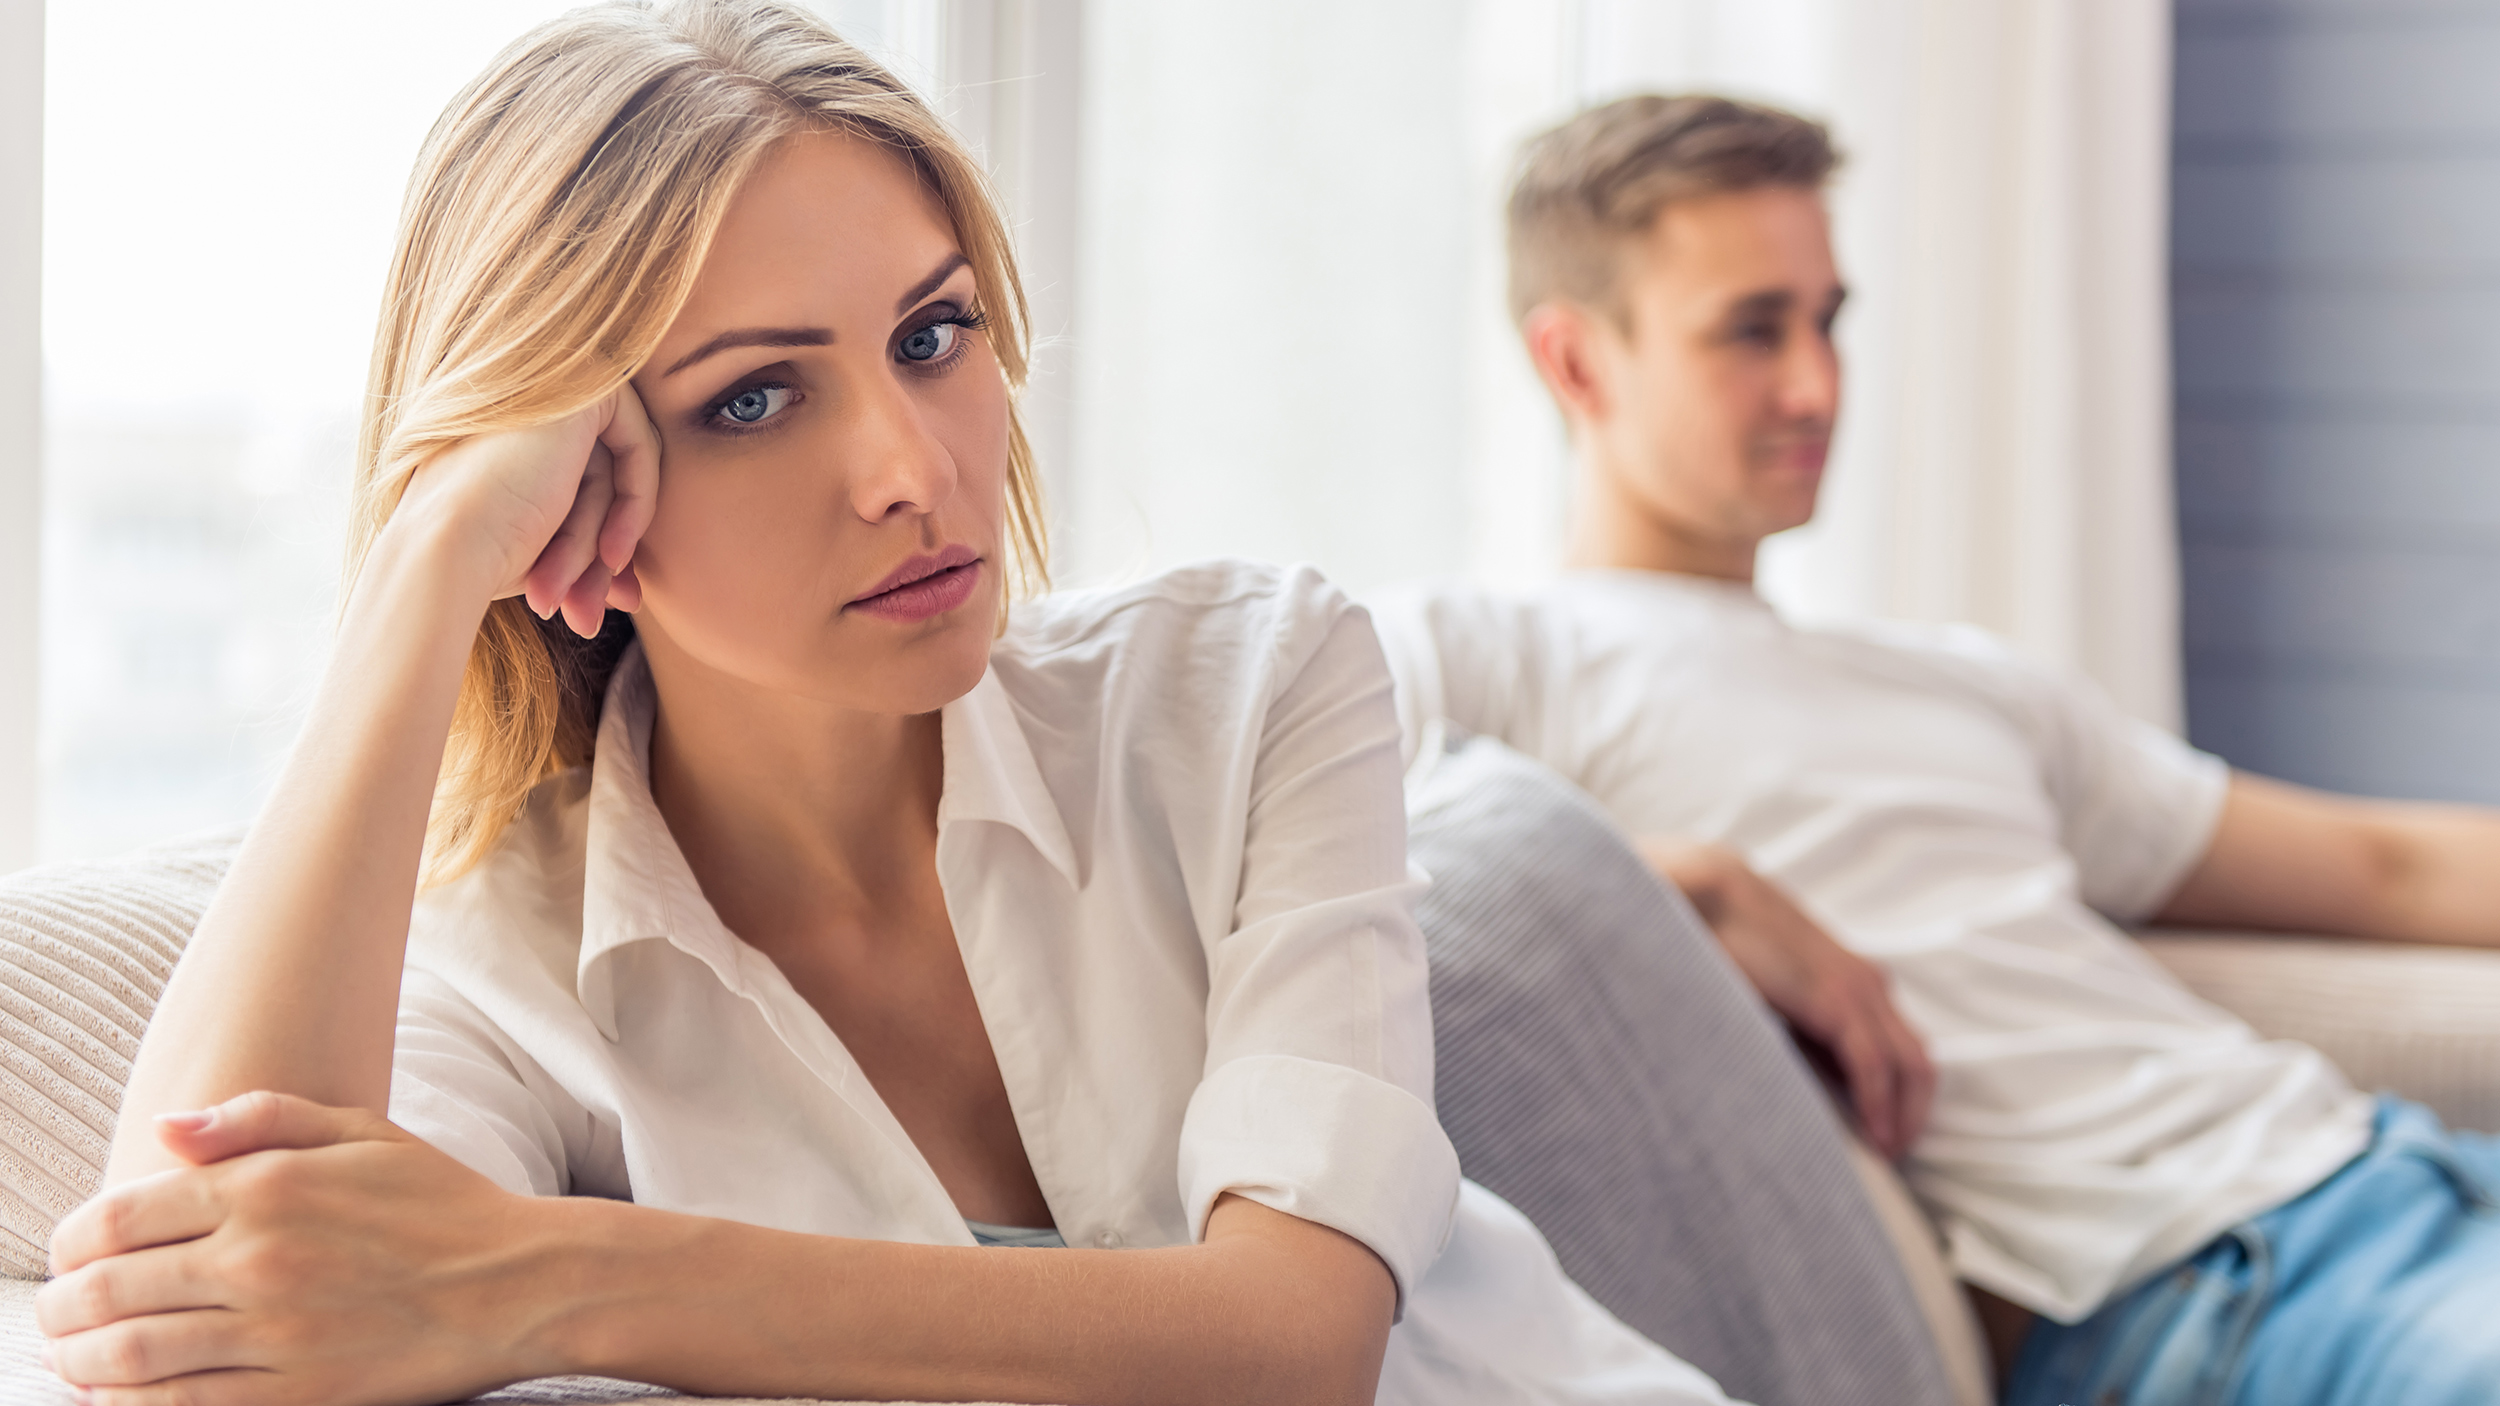 Jak přestanu chodit s ženatým mužem